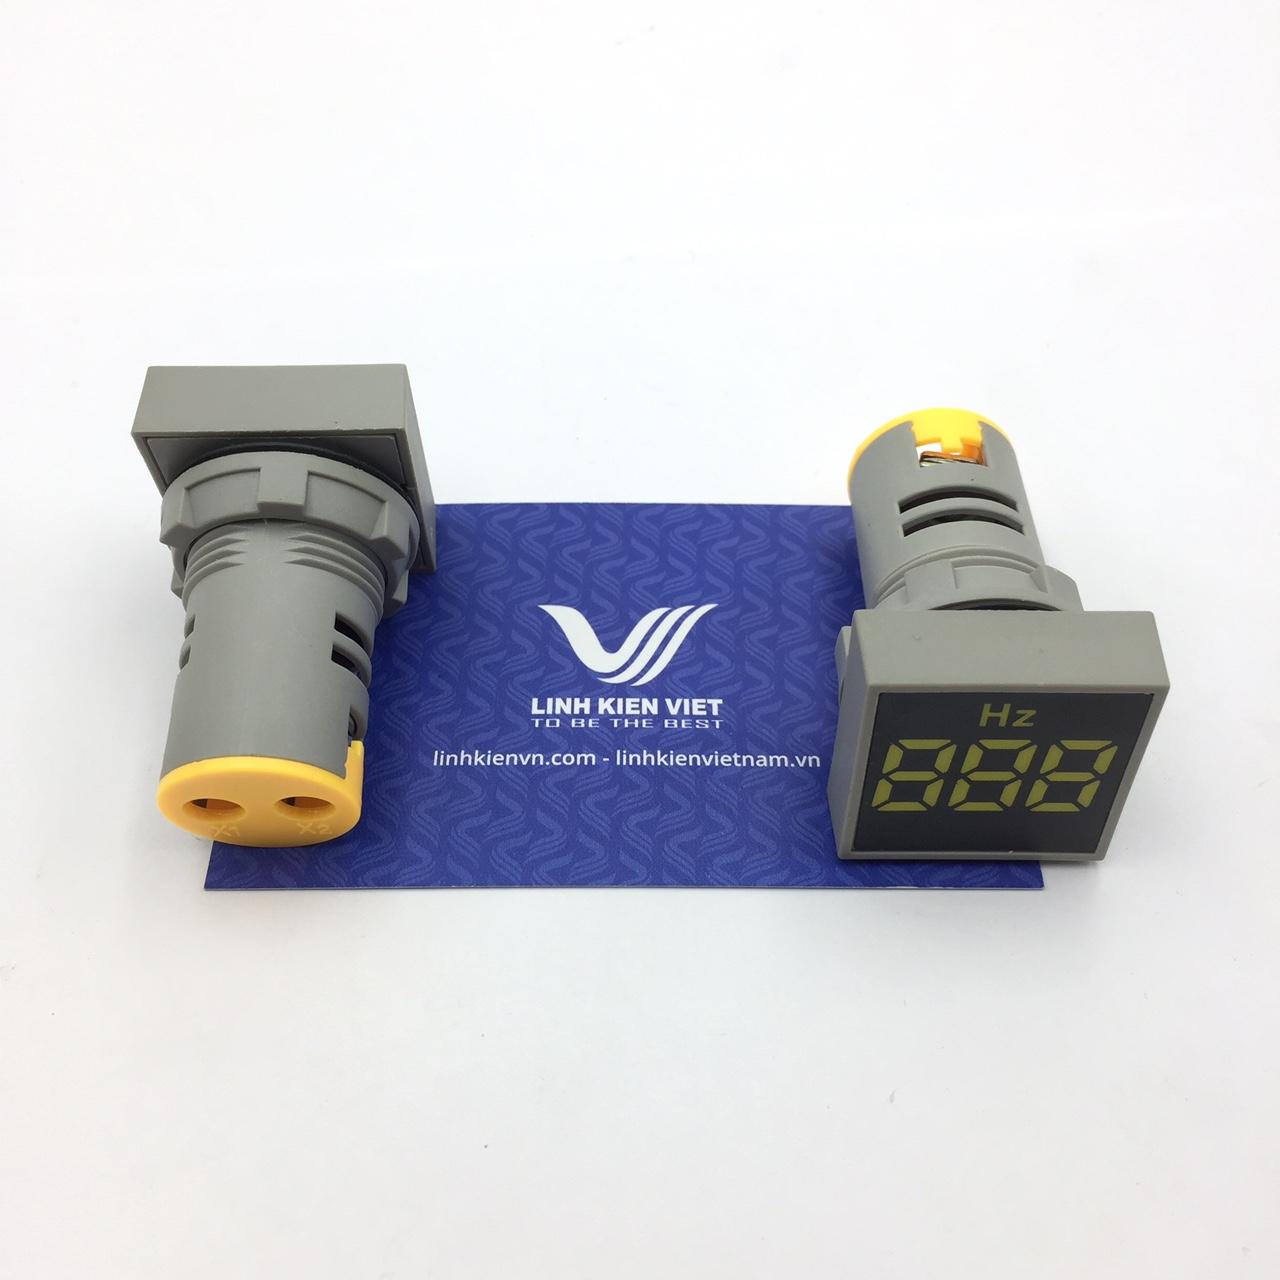 Đồng hồ đo tần số AD101-22HzS màu vàng - S1H4